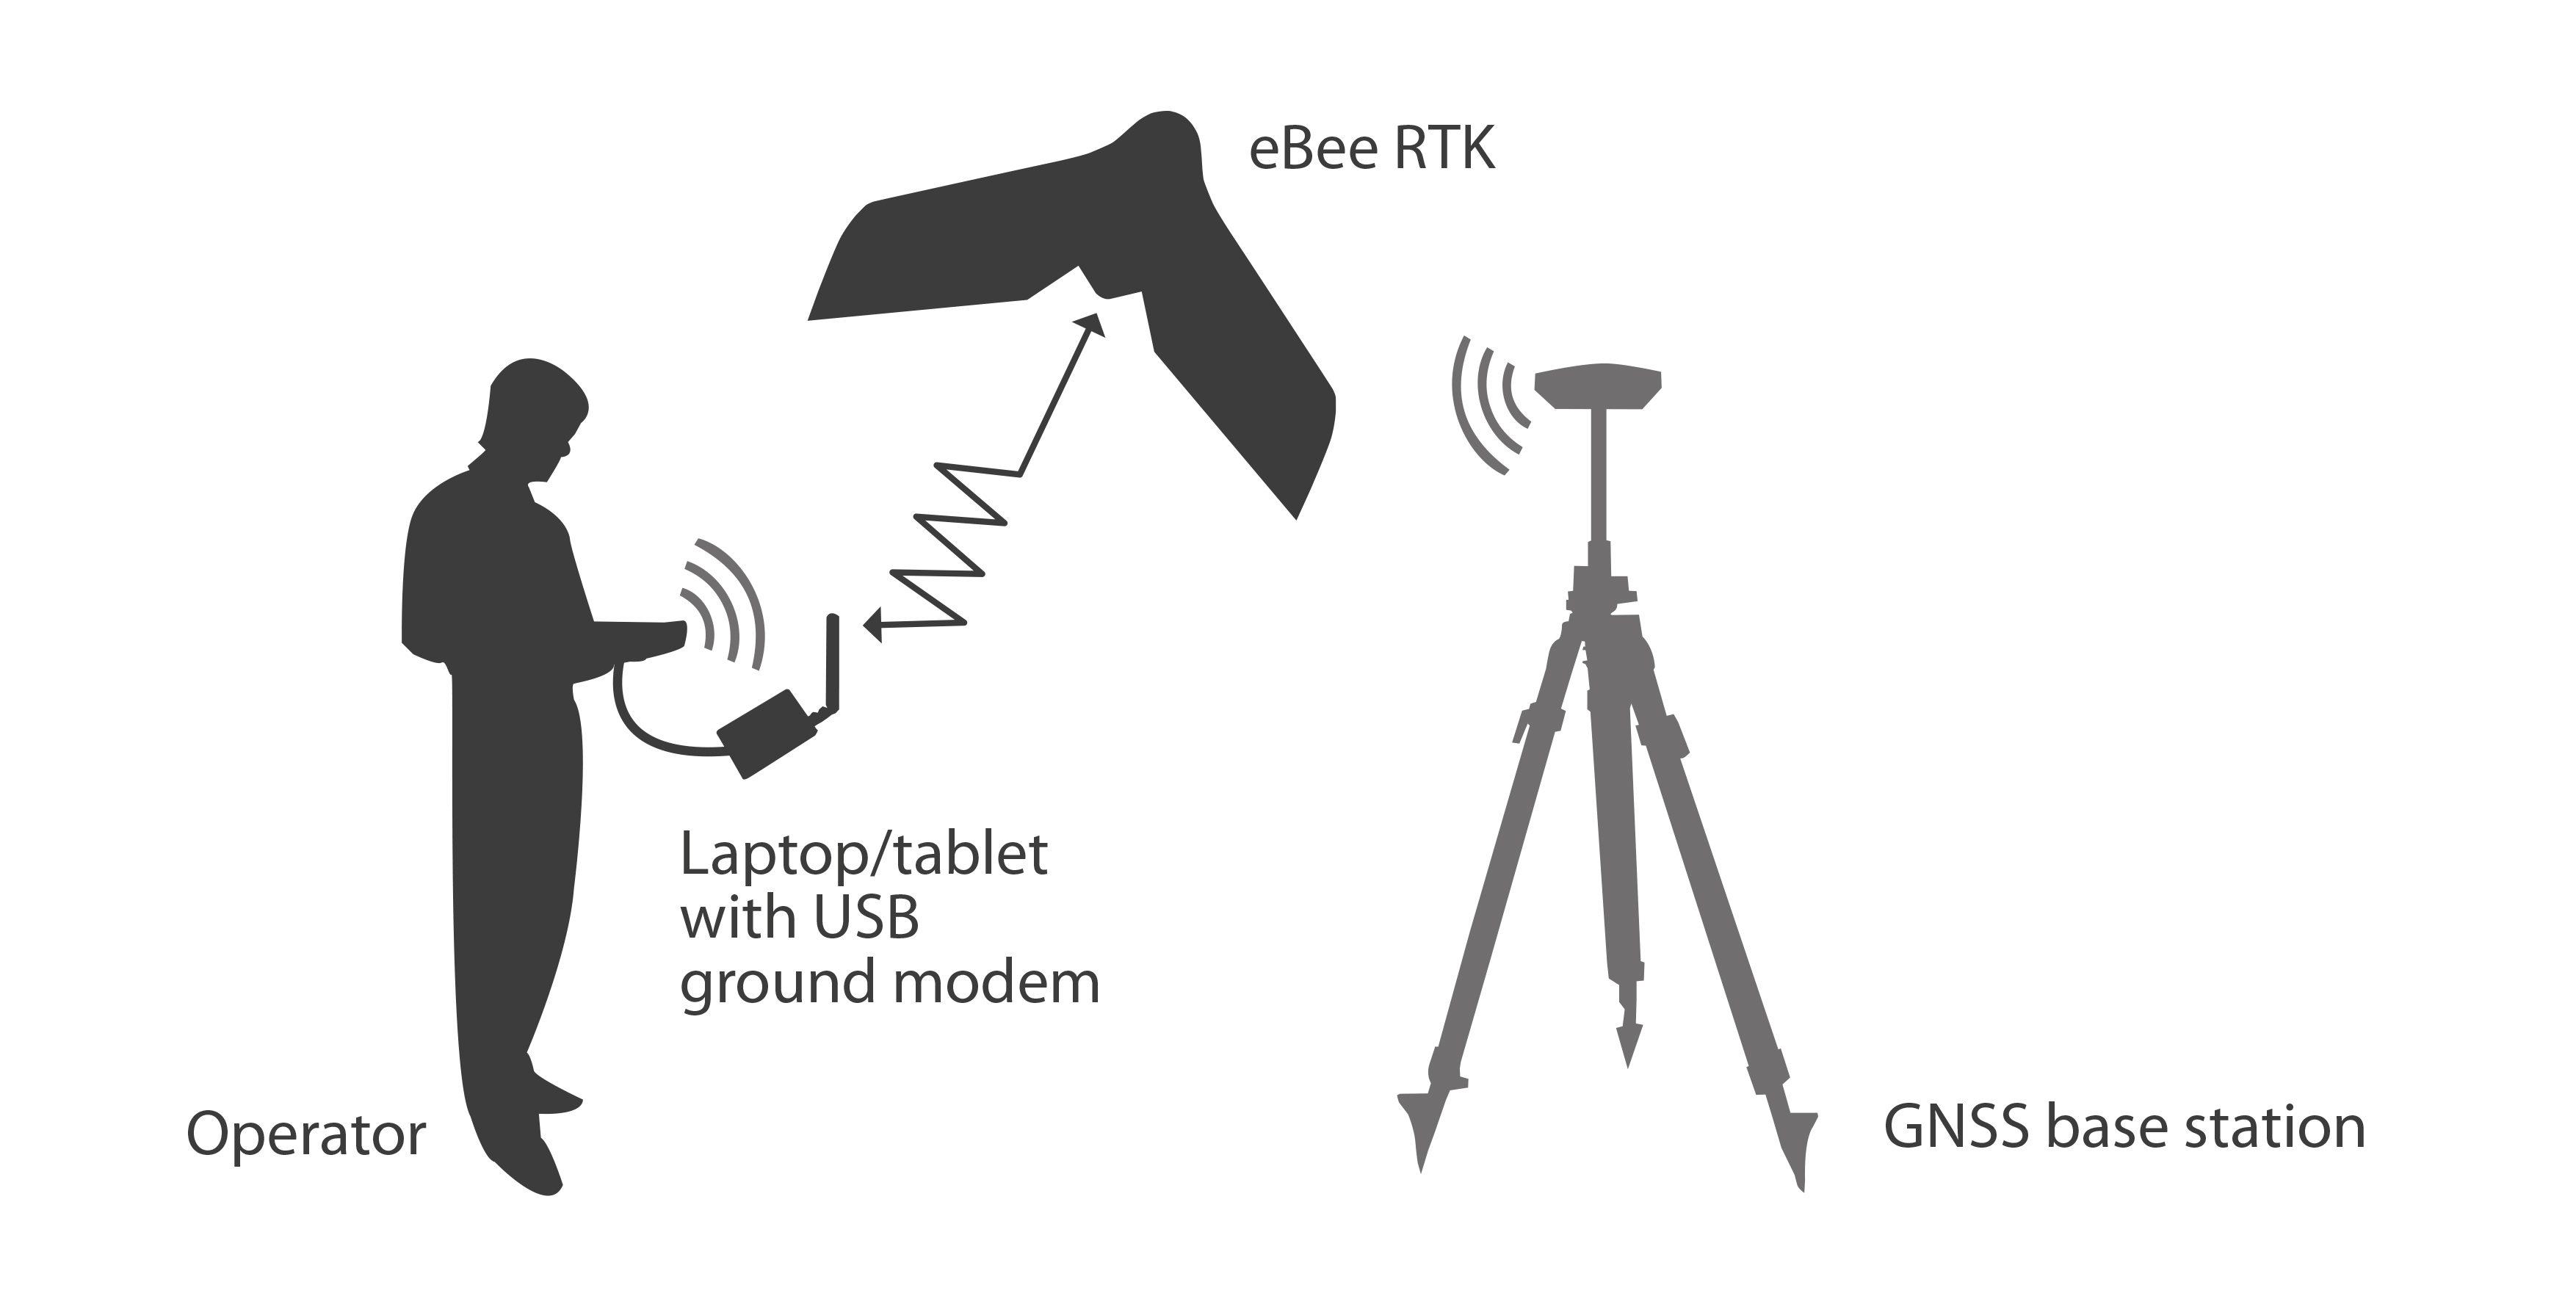 eBee RTK workflow